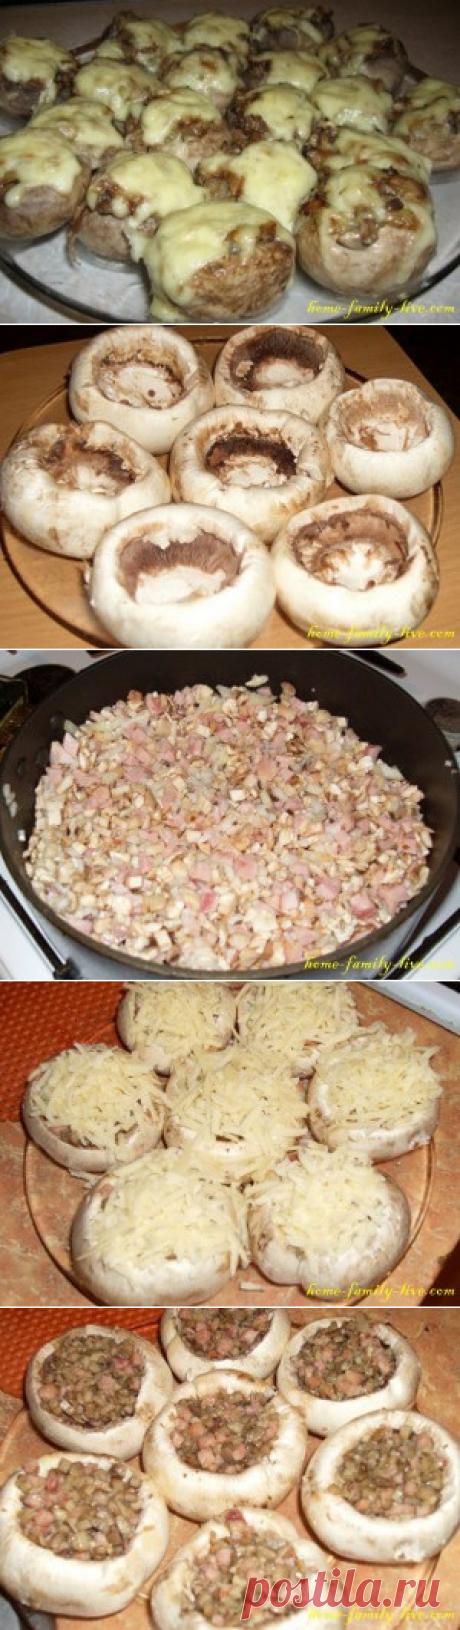 Шампиньоны фаршированные/Сайт с пошаговыми рецептами с фото для тех кто любит готовить